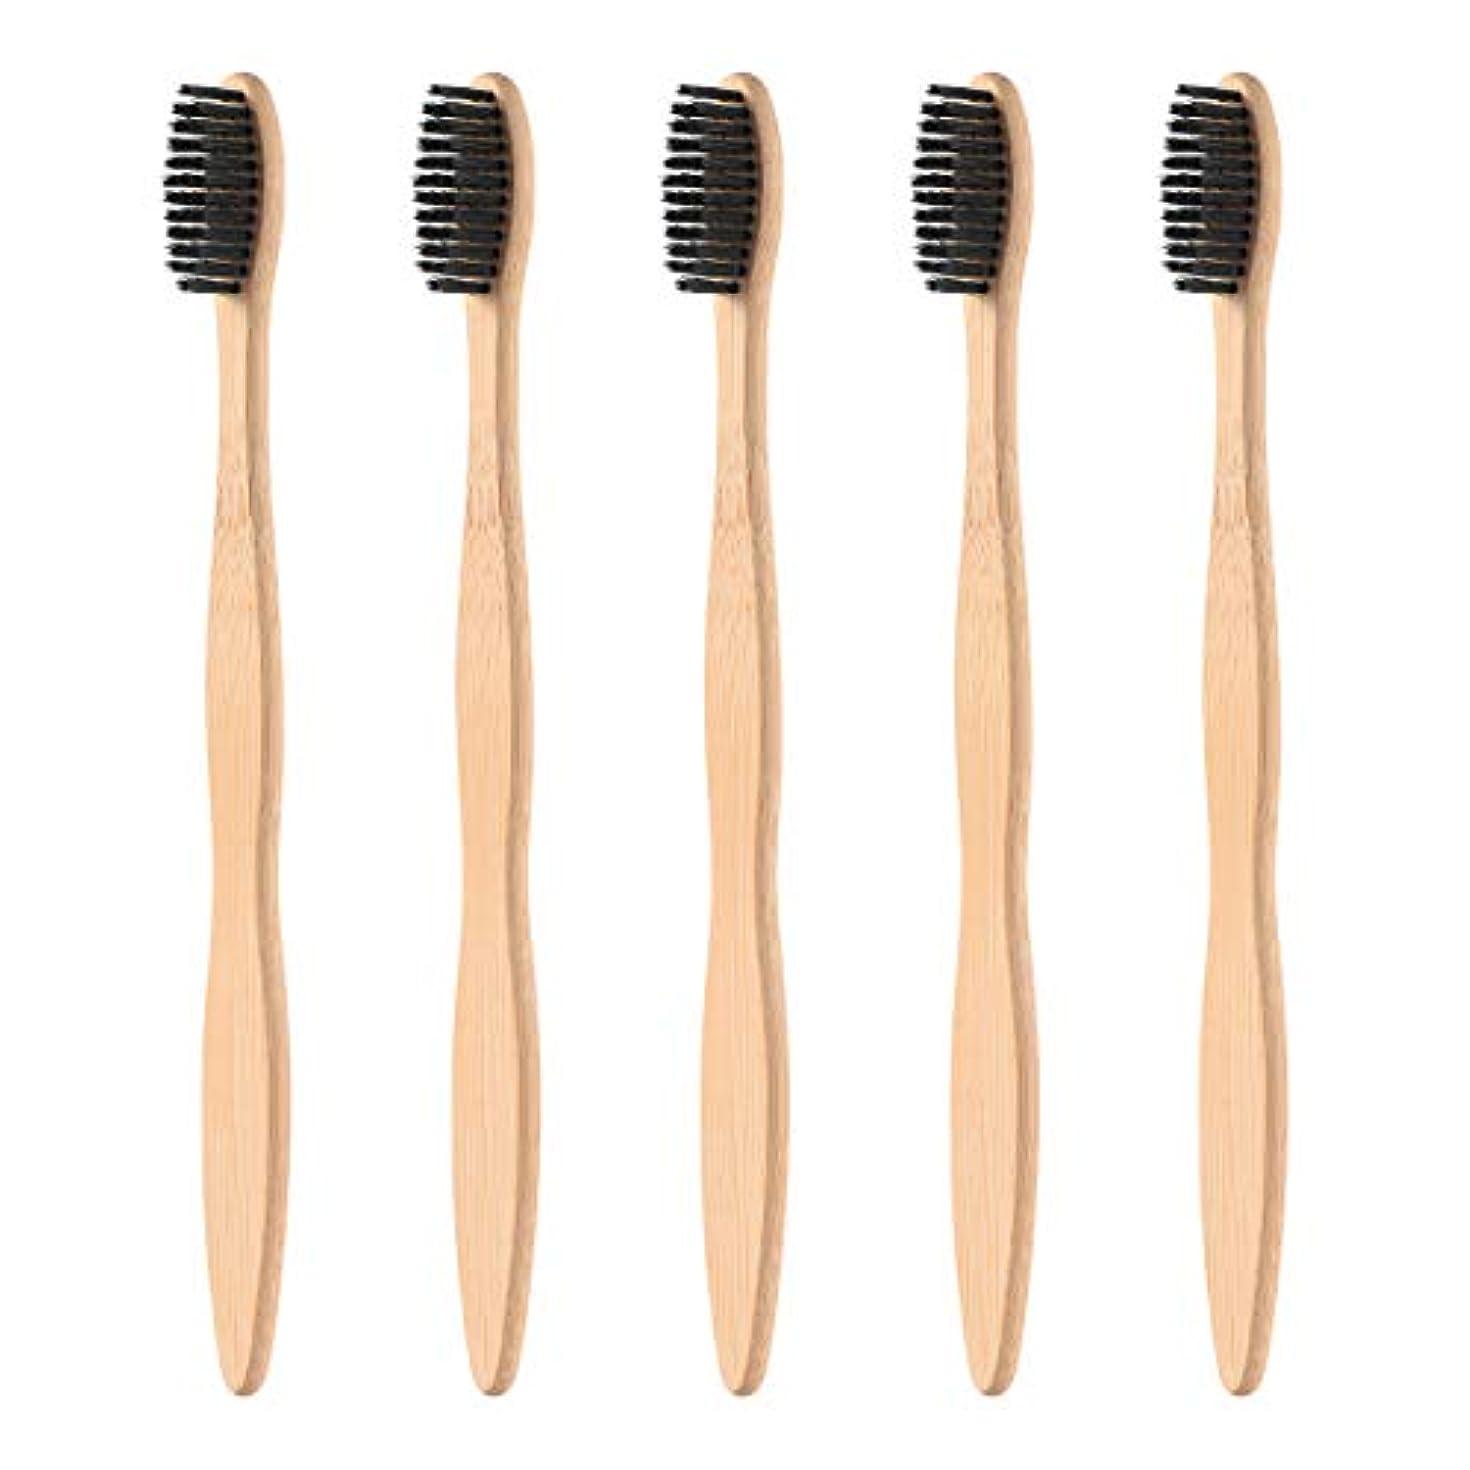 口述するレパートリーブロンズSUPVOX 5本の天然竹製の歯ブラシ木製エコフレンドリーな歯ブラシで黒く柔らかい剛毛